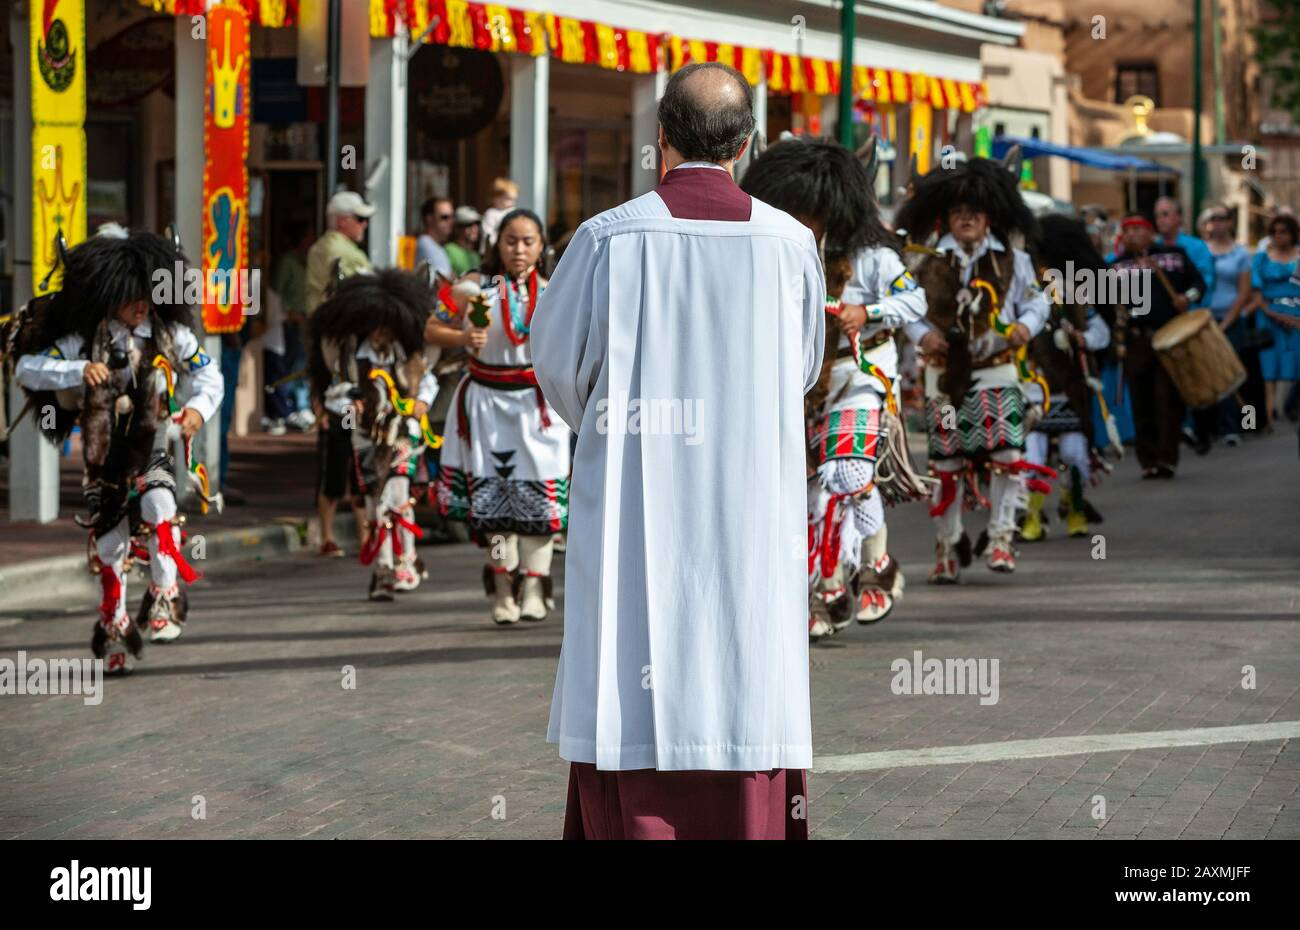 Attendant Et Buffalo Dancers, Solemn Procession, Fiesta De Santa Fe, New Mexico États-Unis Banque D'Images